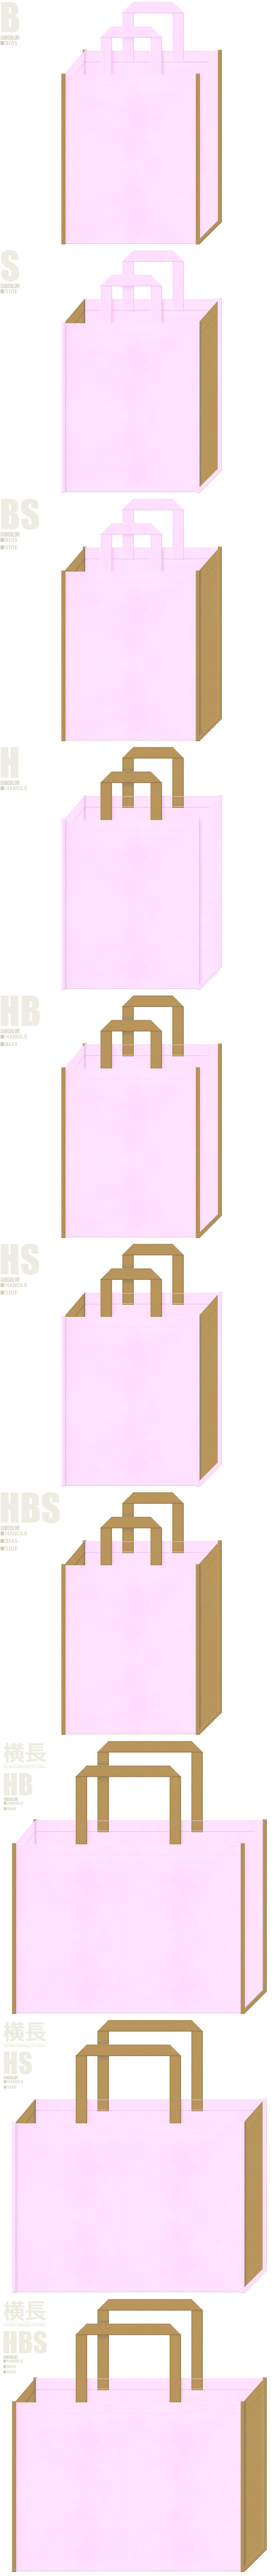 ペットショップ・ペットサロン・ペット用品・ペットフード・アニマルケア・絵本・おとぎ話・子鹿・子犬・ガーリーデザインにお奨めの不織布バッグデザイン:明るいピンク色と金黄土色の配色7パターン。